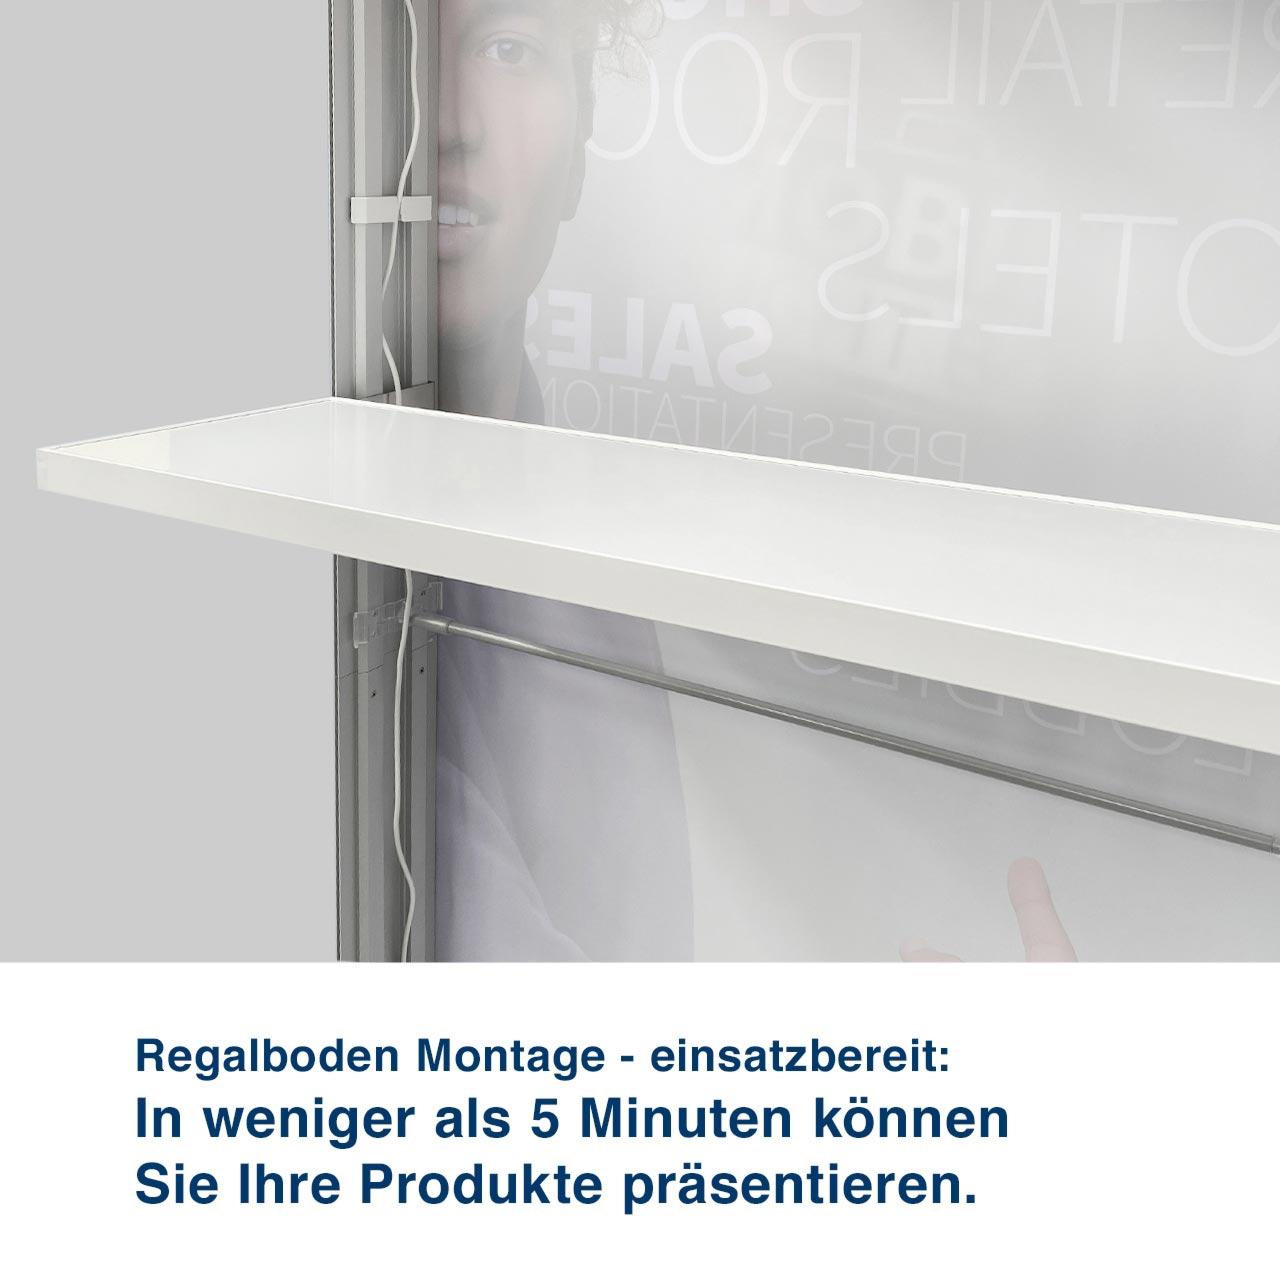 Regalboden Montage - einsatzbereit:  In weniger als 5 Minuten können  Sie Ihre Produkte präsentieren.